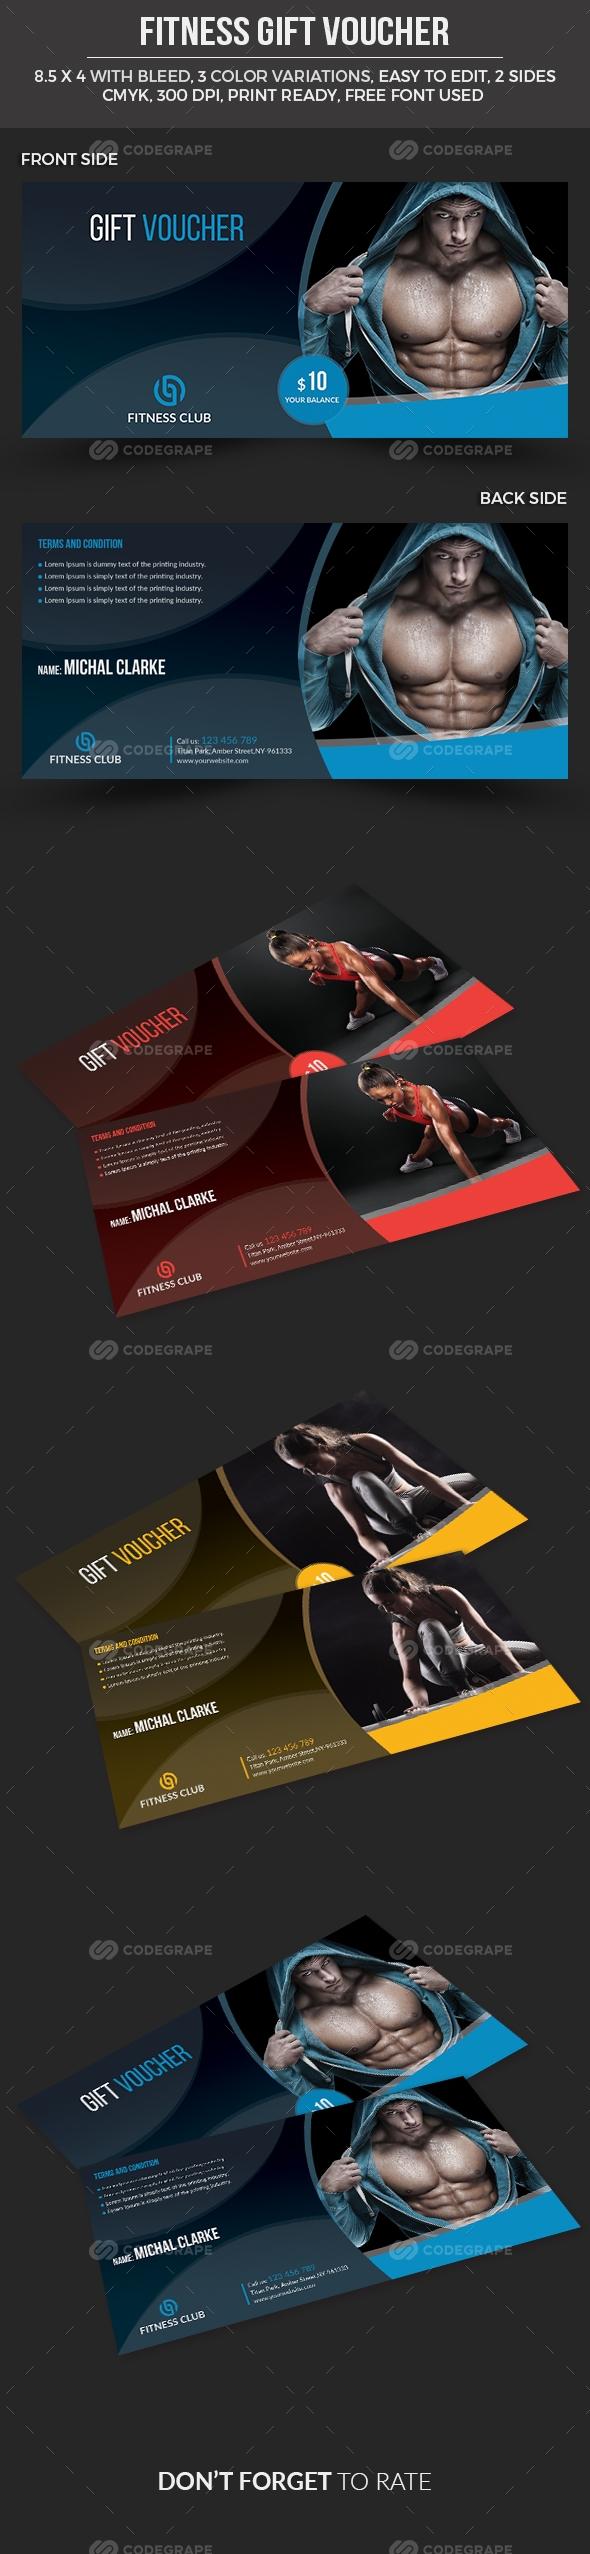 Fitness Gift Voucher